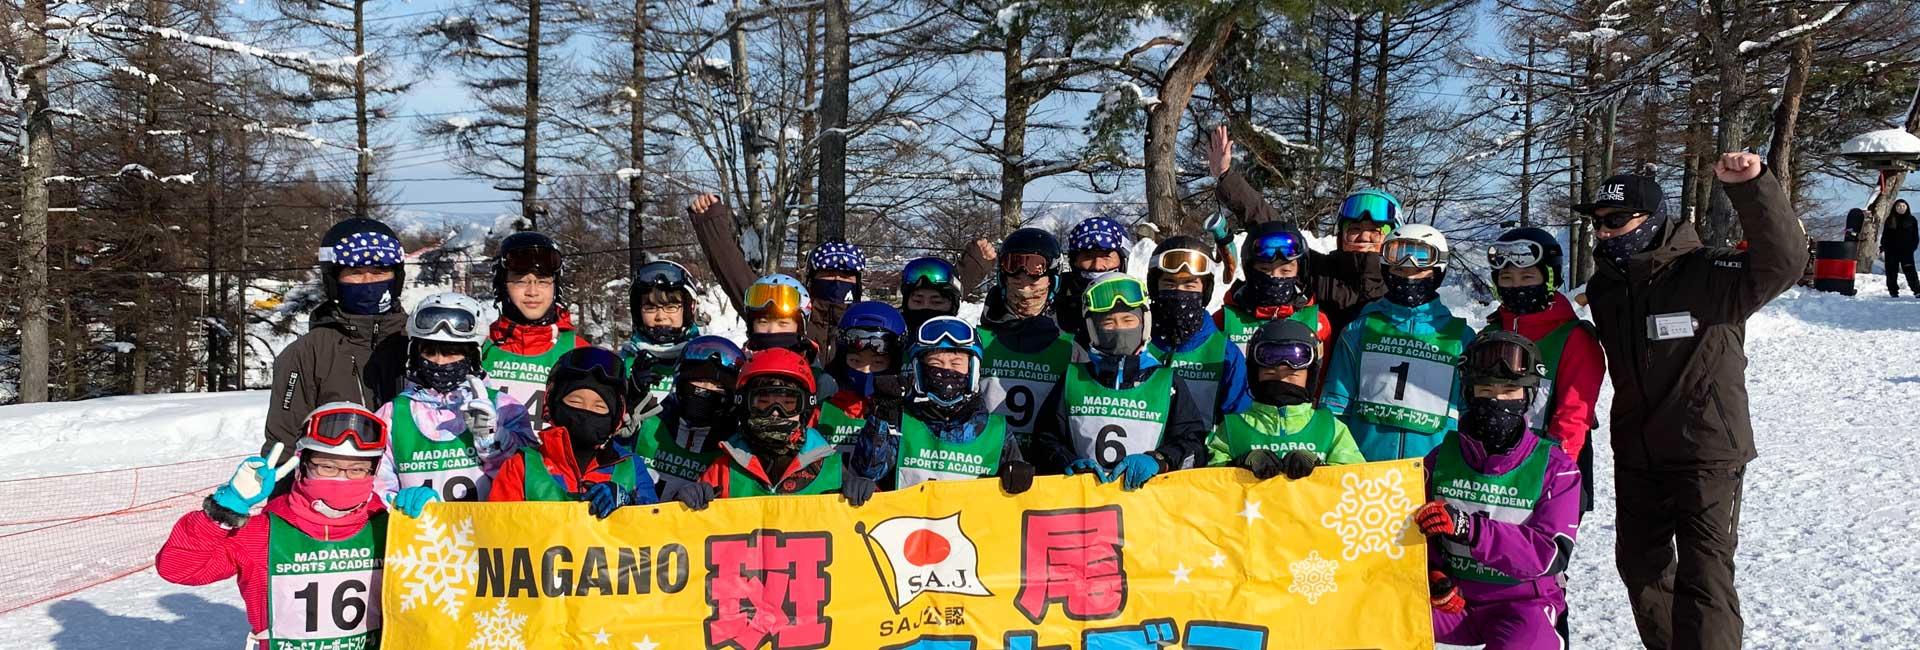 2021-2022冬休みジュニアスキー合宿開催概要